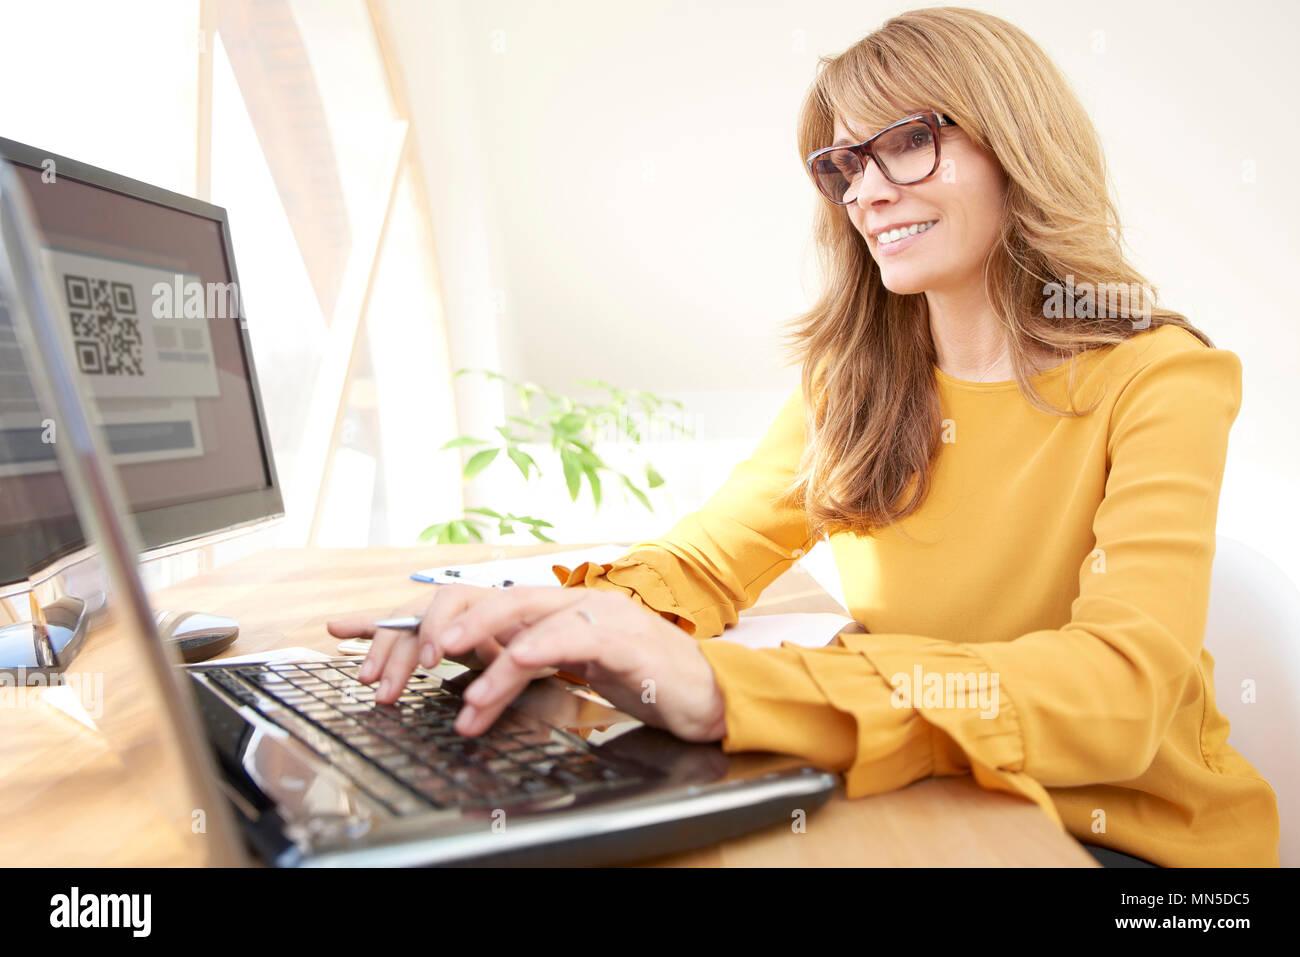 Sorridente imprenditrice maturo digitando su laptop mentre è seduto alla scrivania e lavorando in ufficio. Immagini Stock